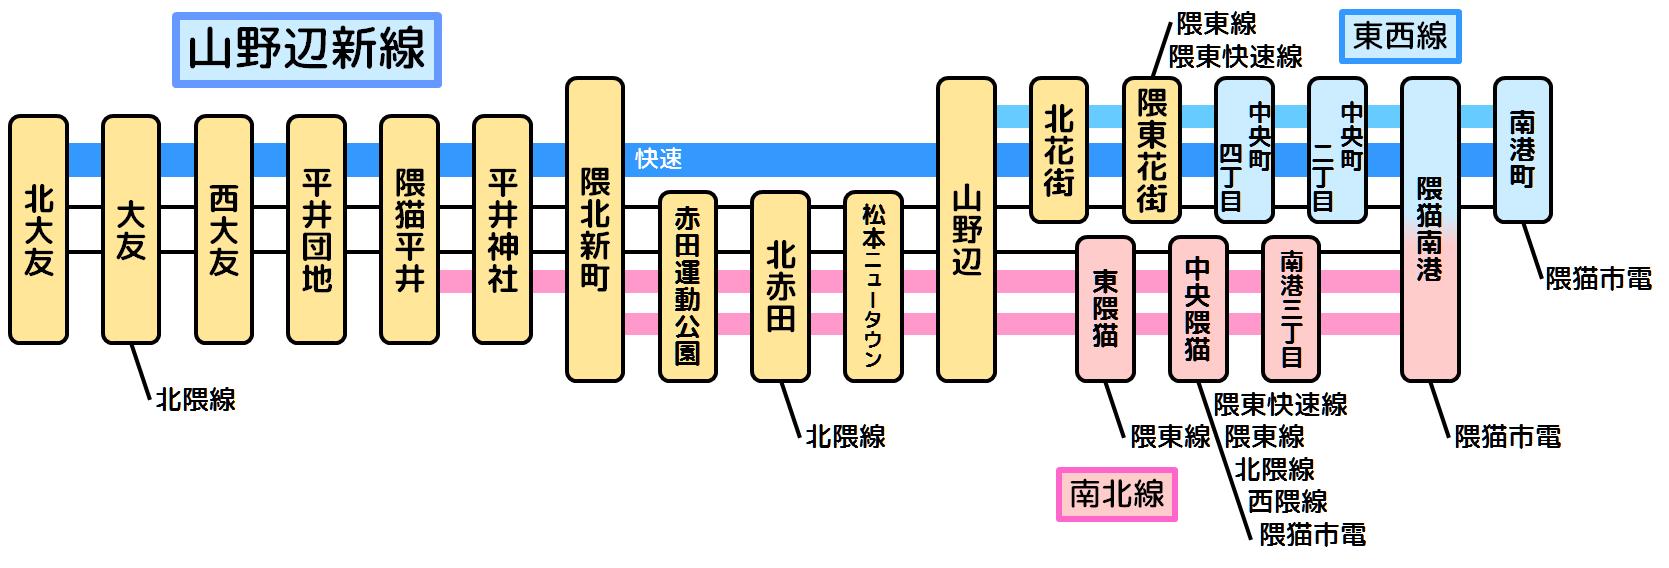 山野辺新線 7話.png